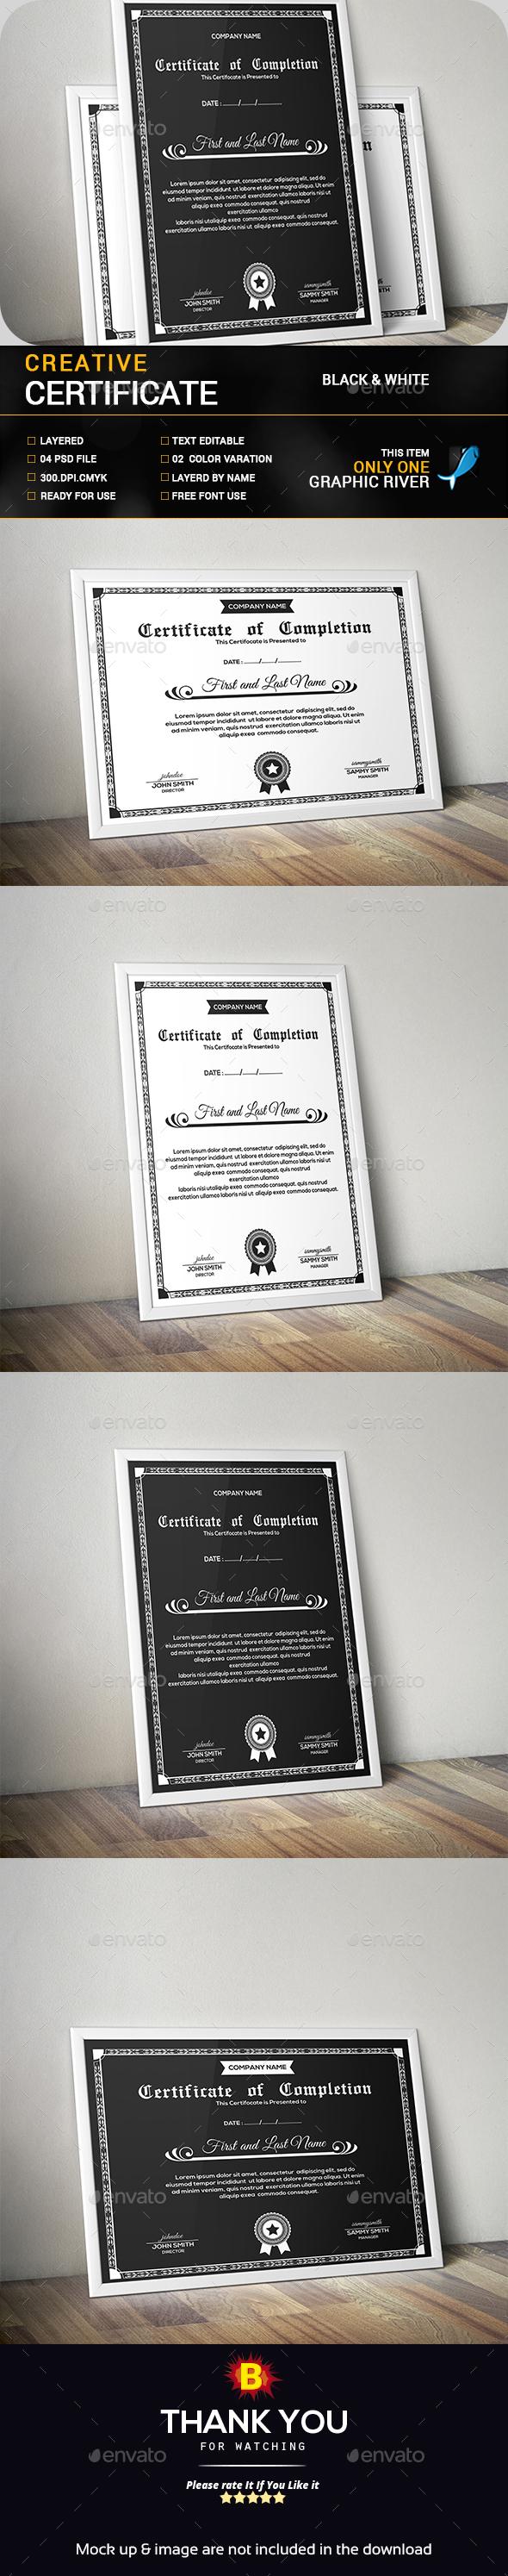 Certificate psd template graduation course certificate gold certificate psd template graduation course certificate gold corporate yadclub Images